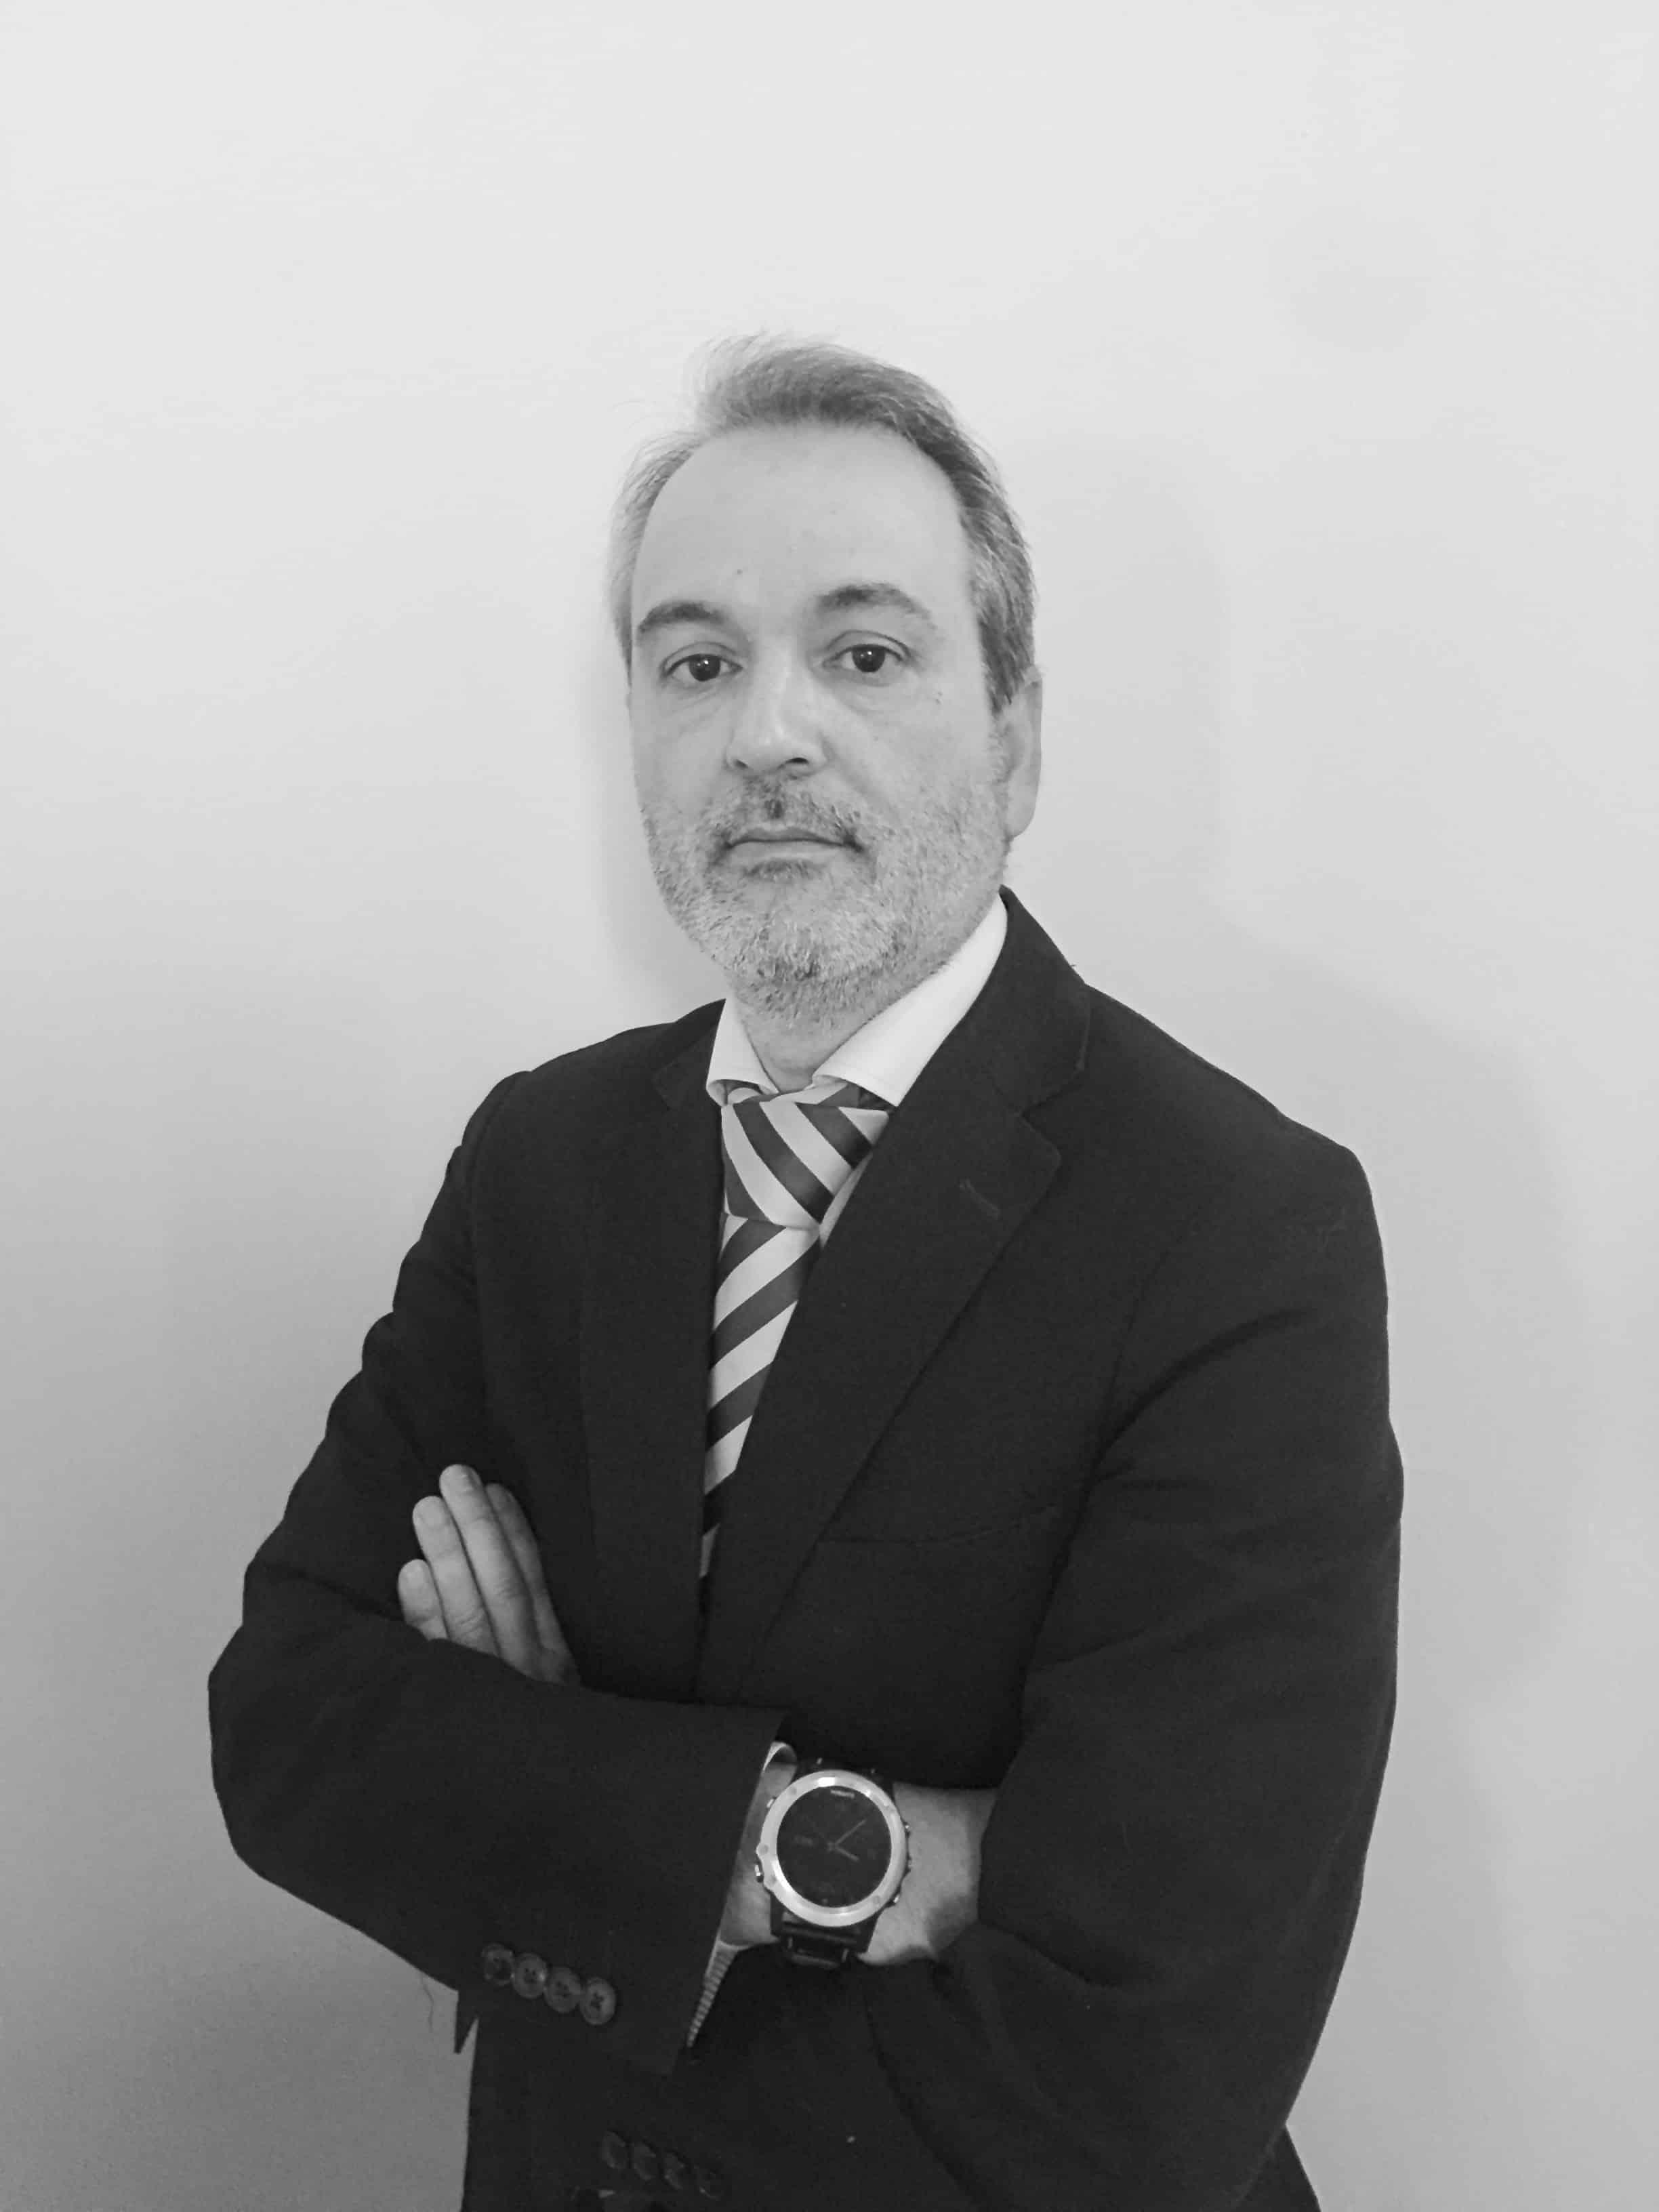 Agustin Zamarro